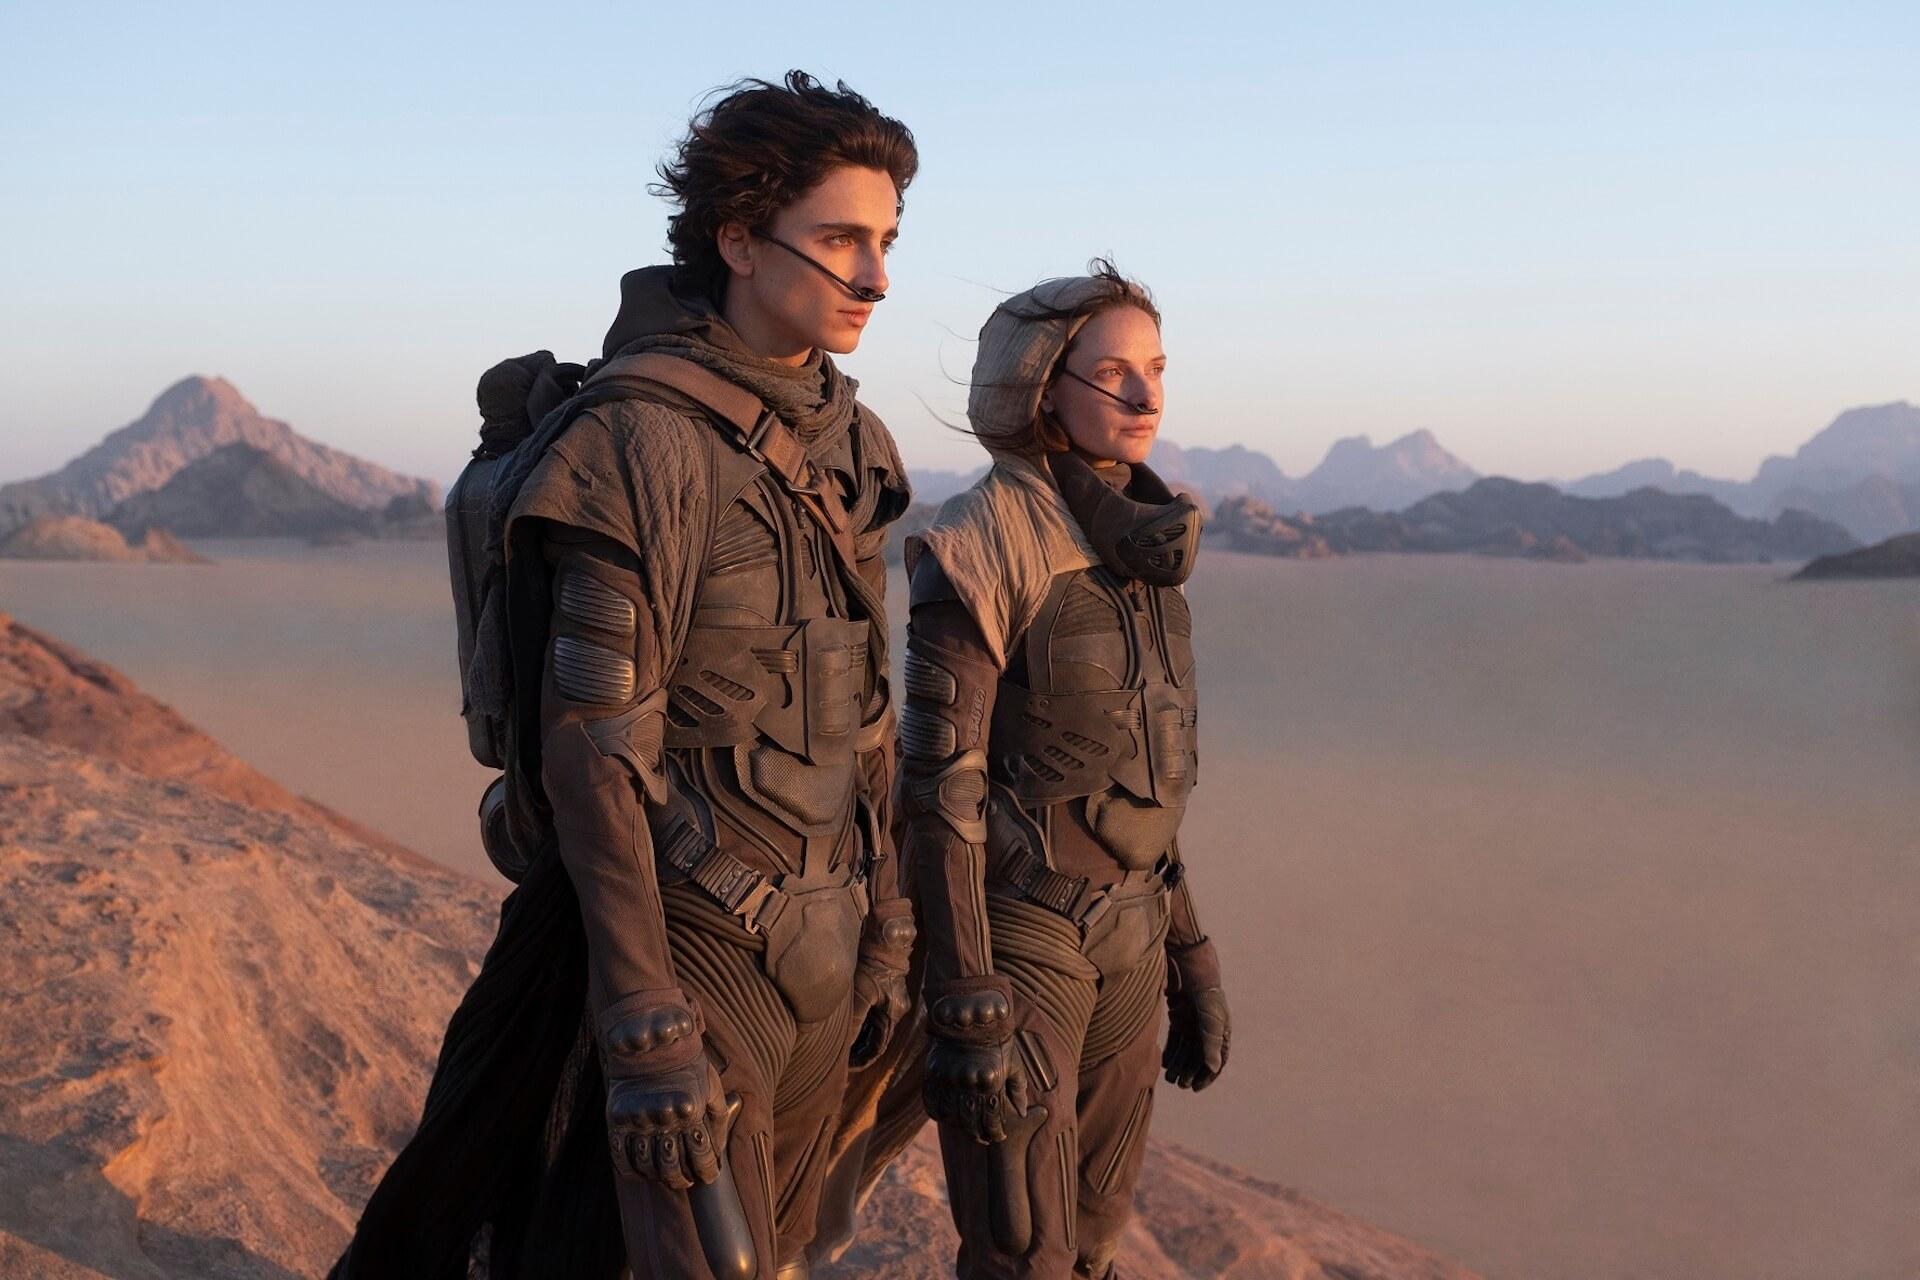 『DUNE/デューン 砂の惑星』が10月に公開決定!ティモシー・シャラメ、ジェイソン・モモアらが躍動する場面写真も解禁 film210603_dune_3